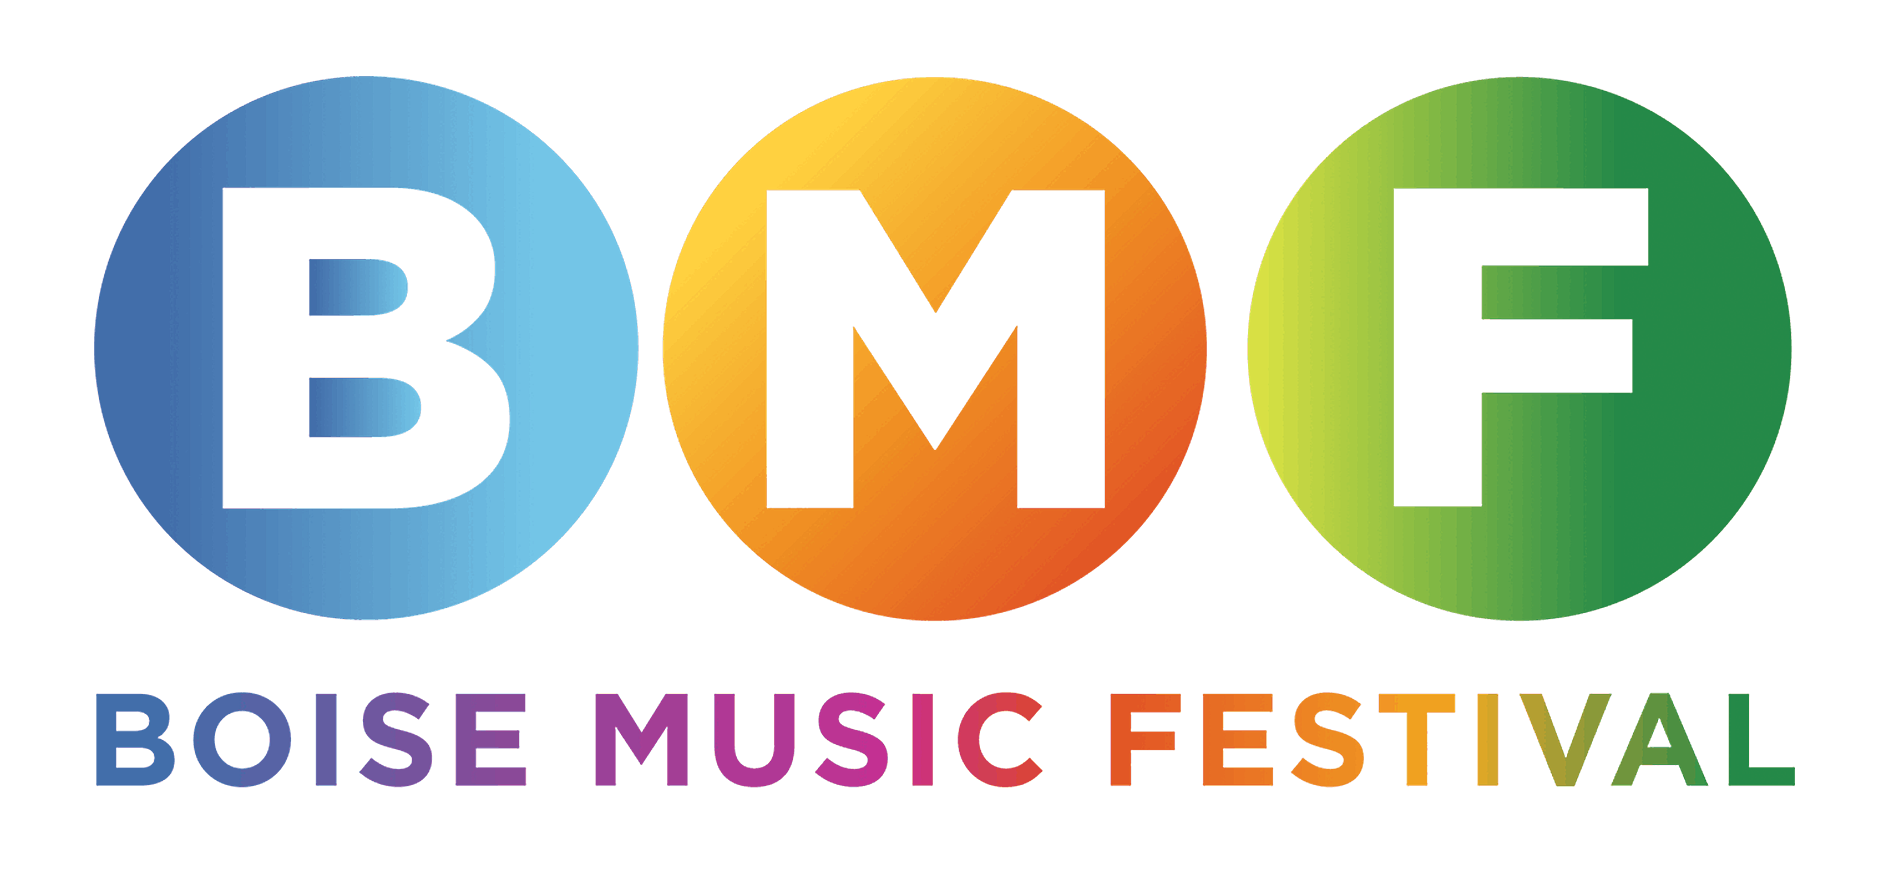 2021 Boise Music Festival